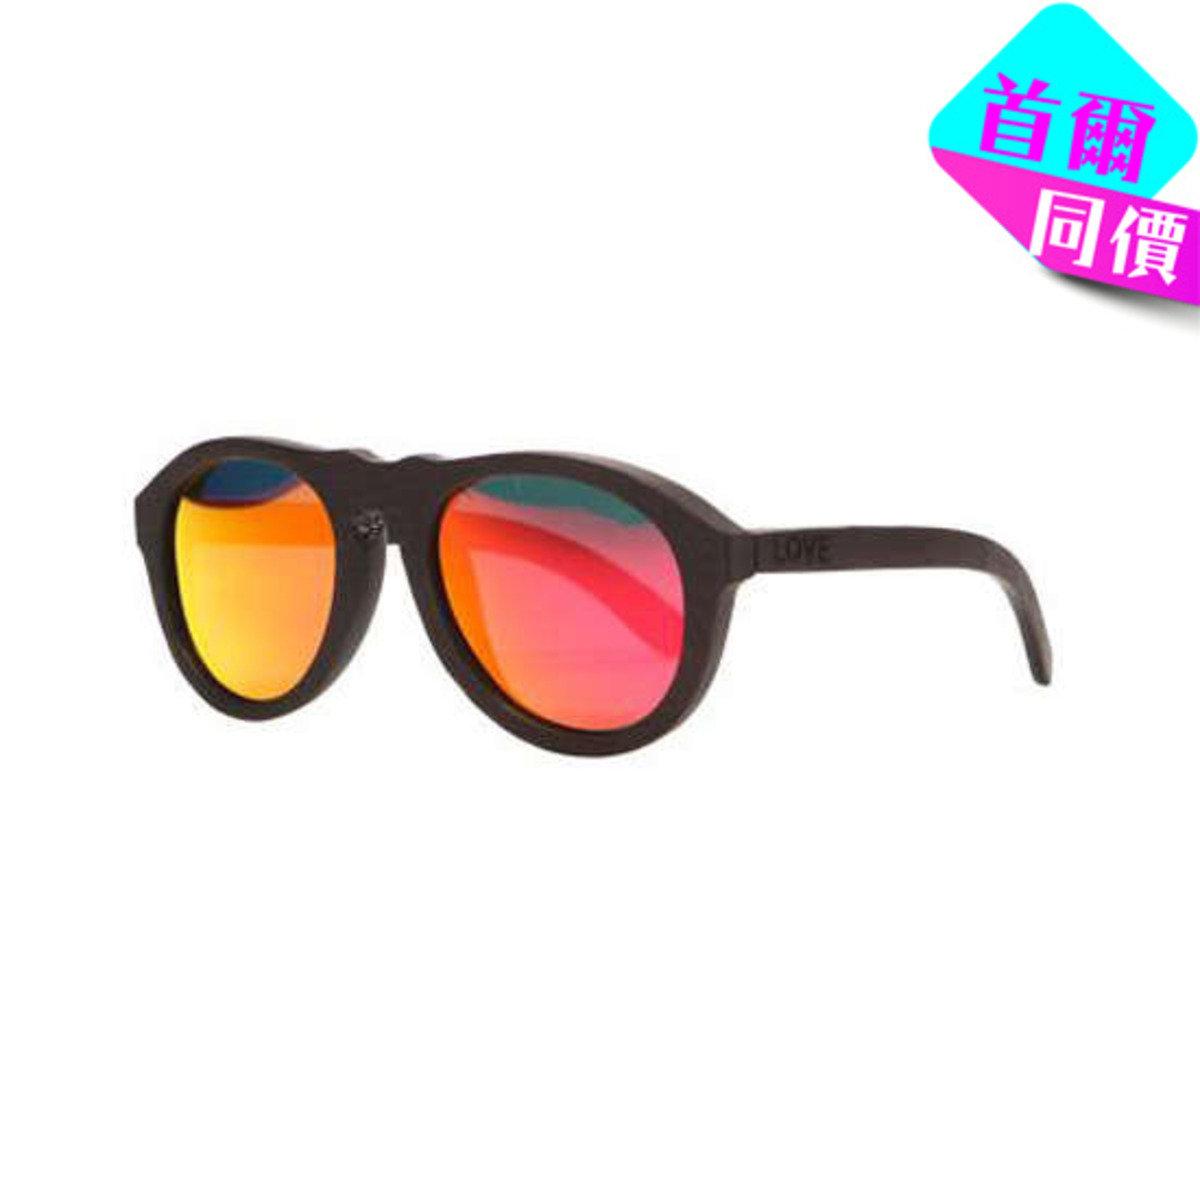 WOLF - 深啡啞色烏木框架太陽眼鏡